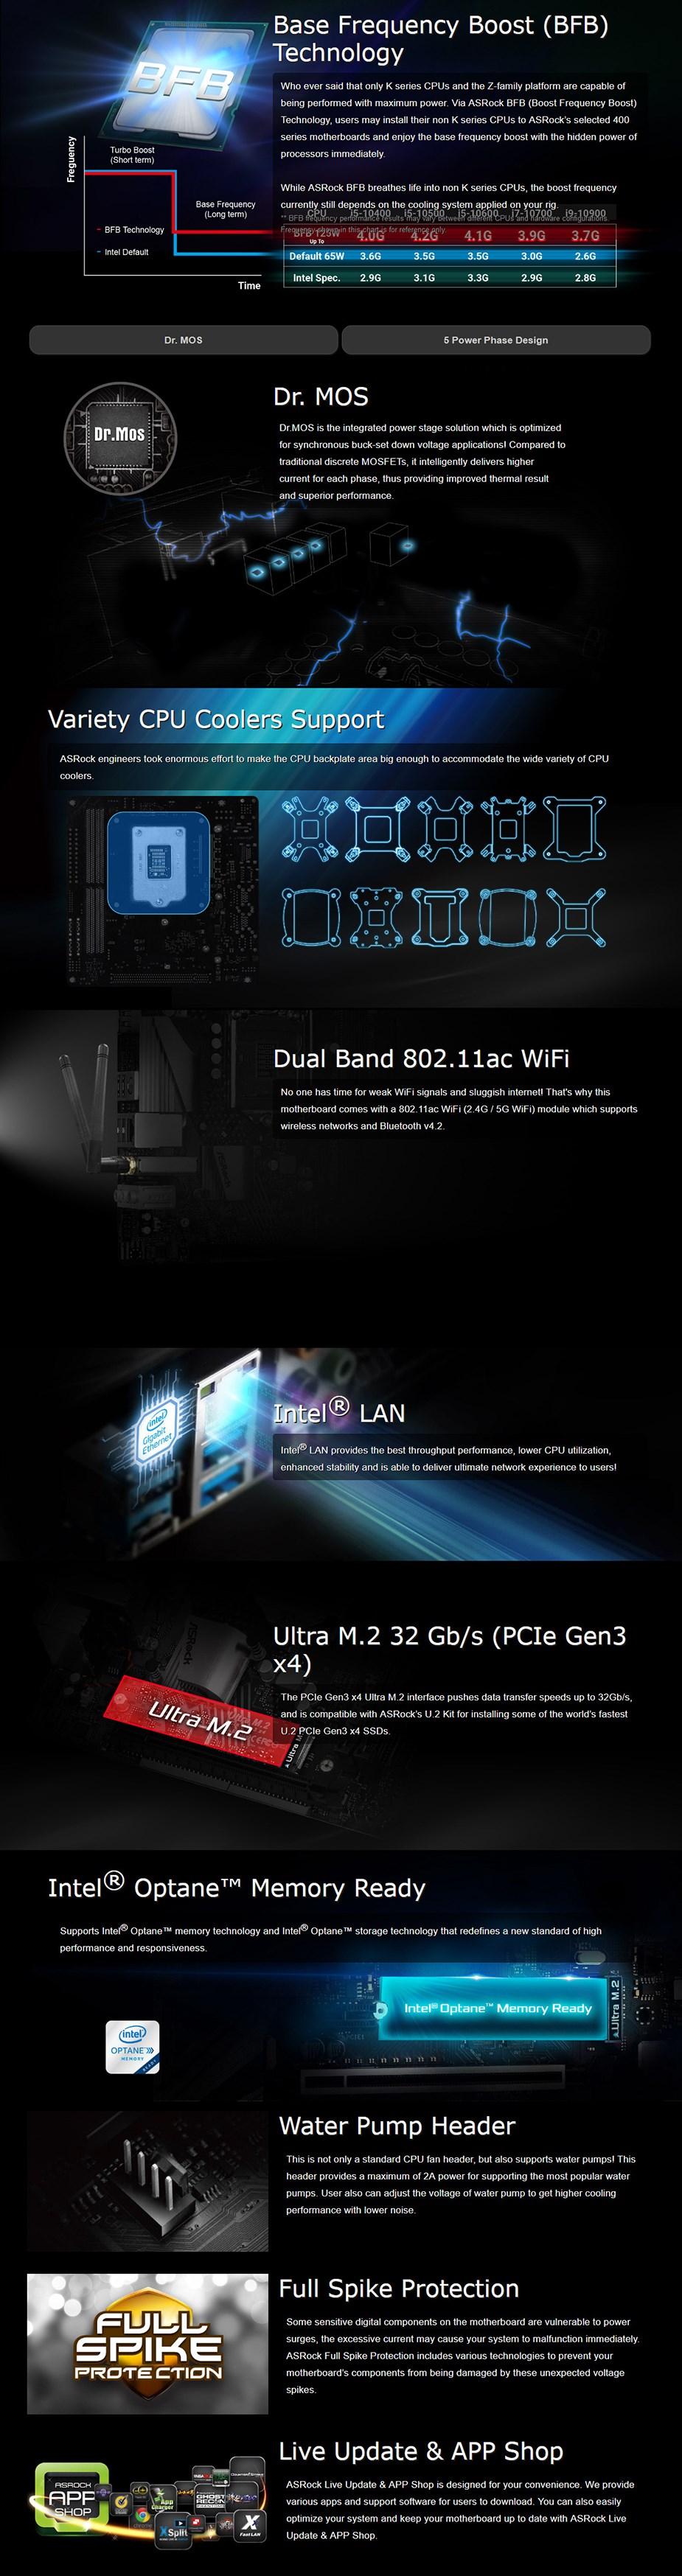 ASRock B460M-ITX/ac LGA 1200 Micro-ATX Motherboard - Overview 1